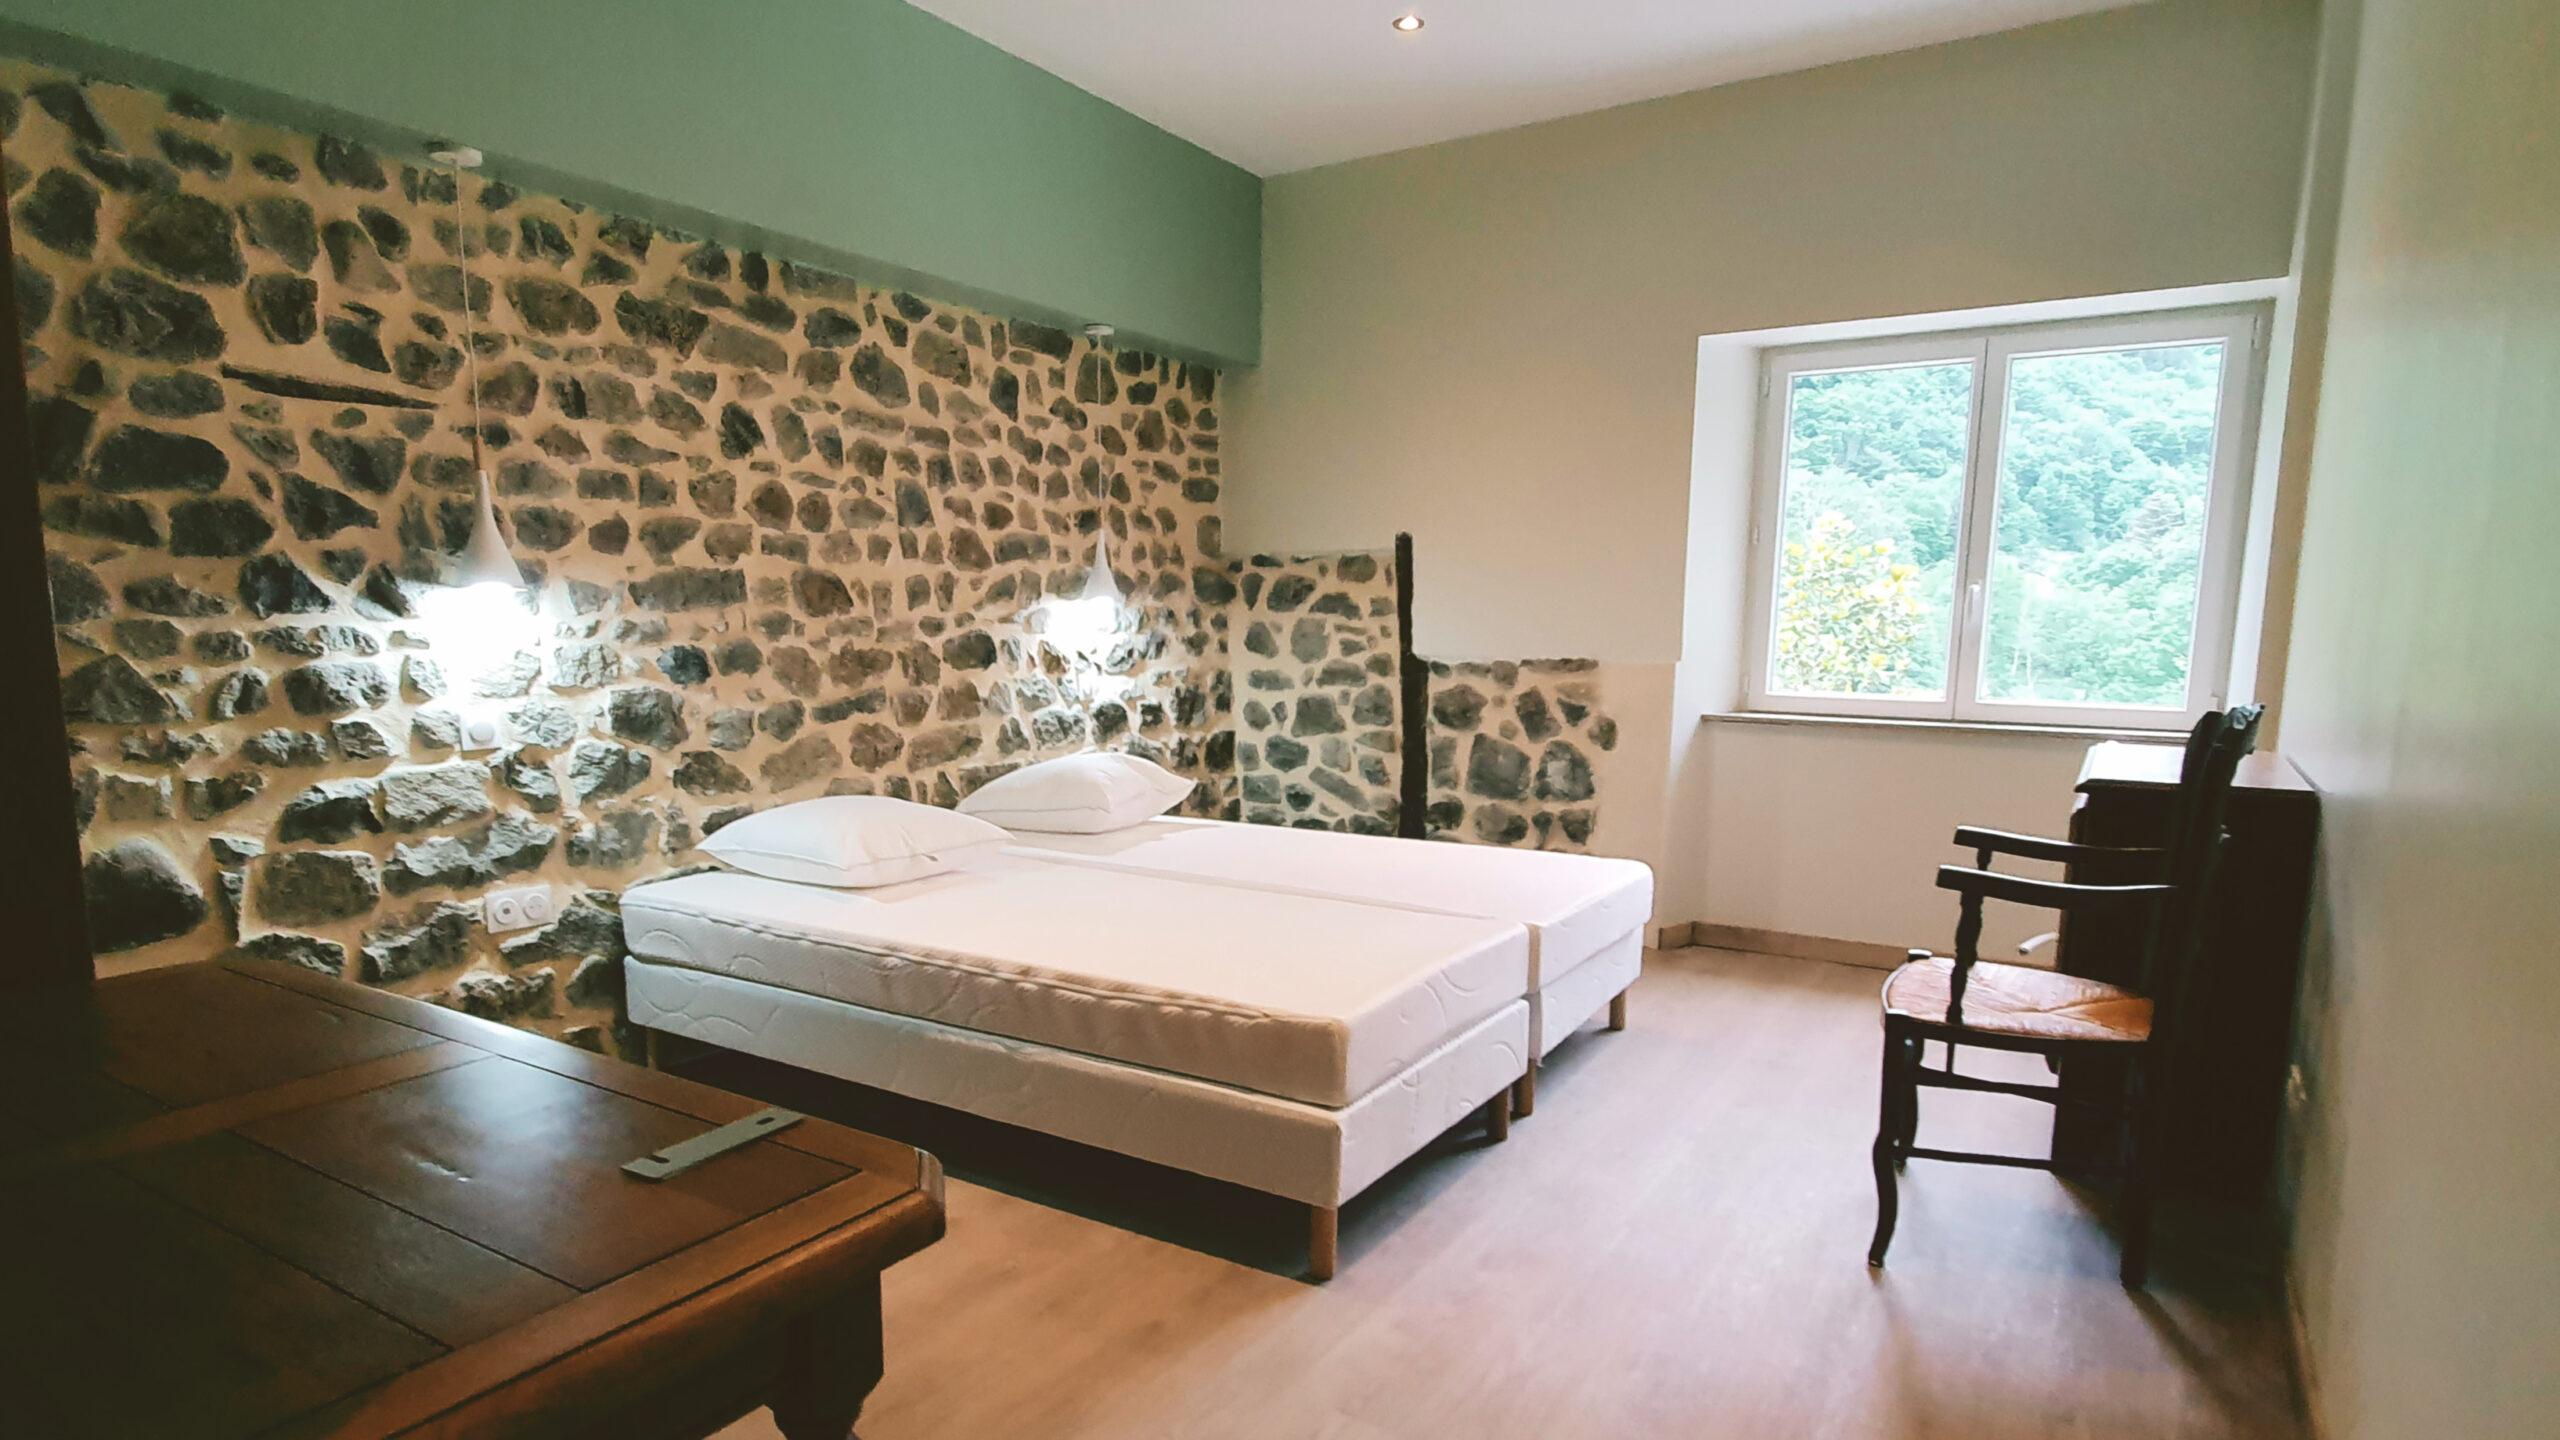 Chambre 4 avec mur de tete de lit en pierre décoration rustique